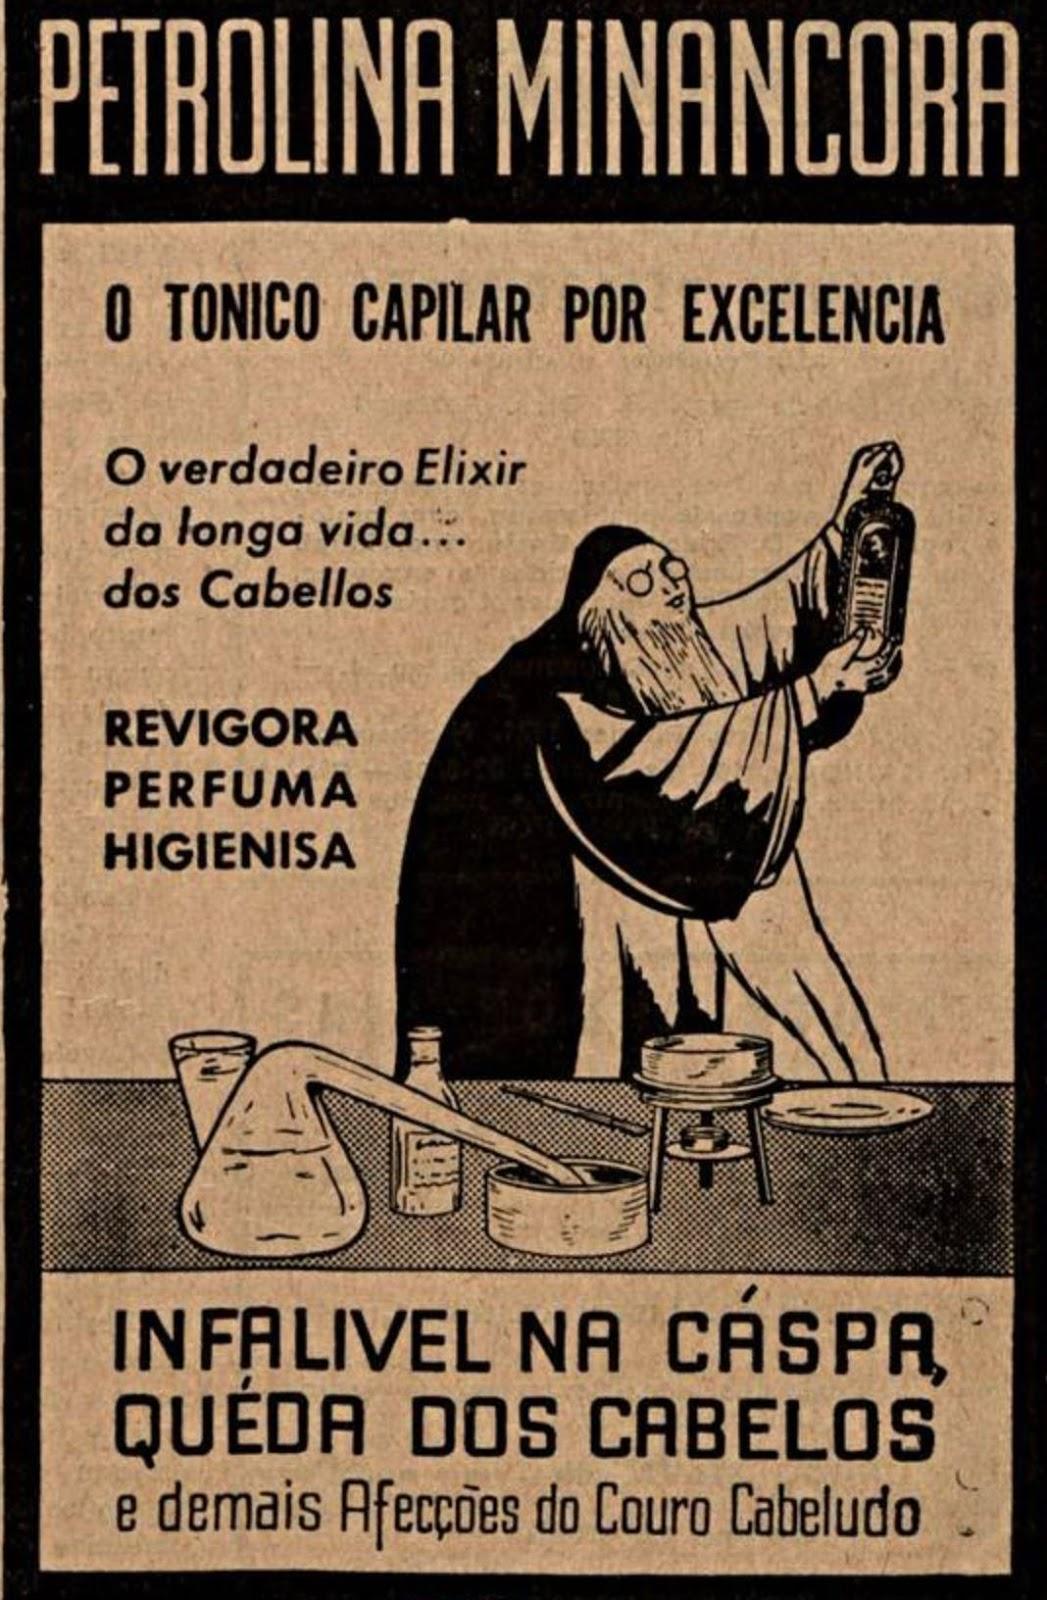 Propaganda antiga da Petrolina Minancora para cuidados dos cabelos em 1940